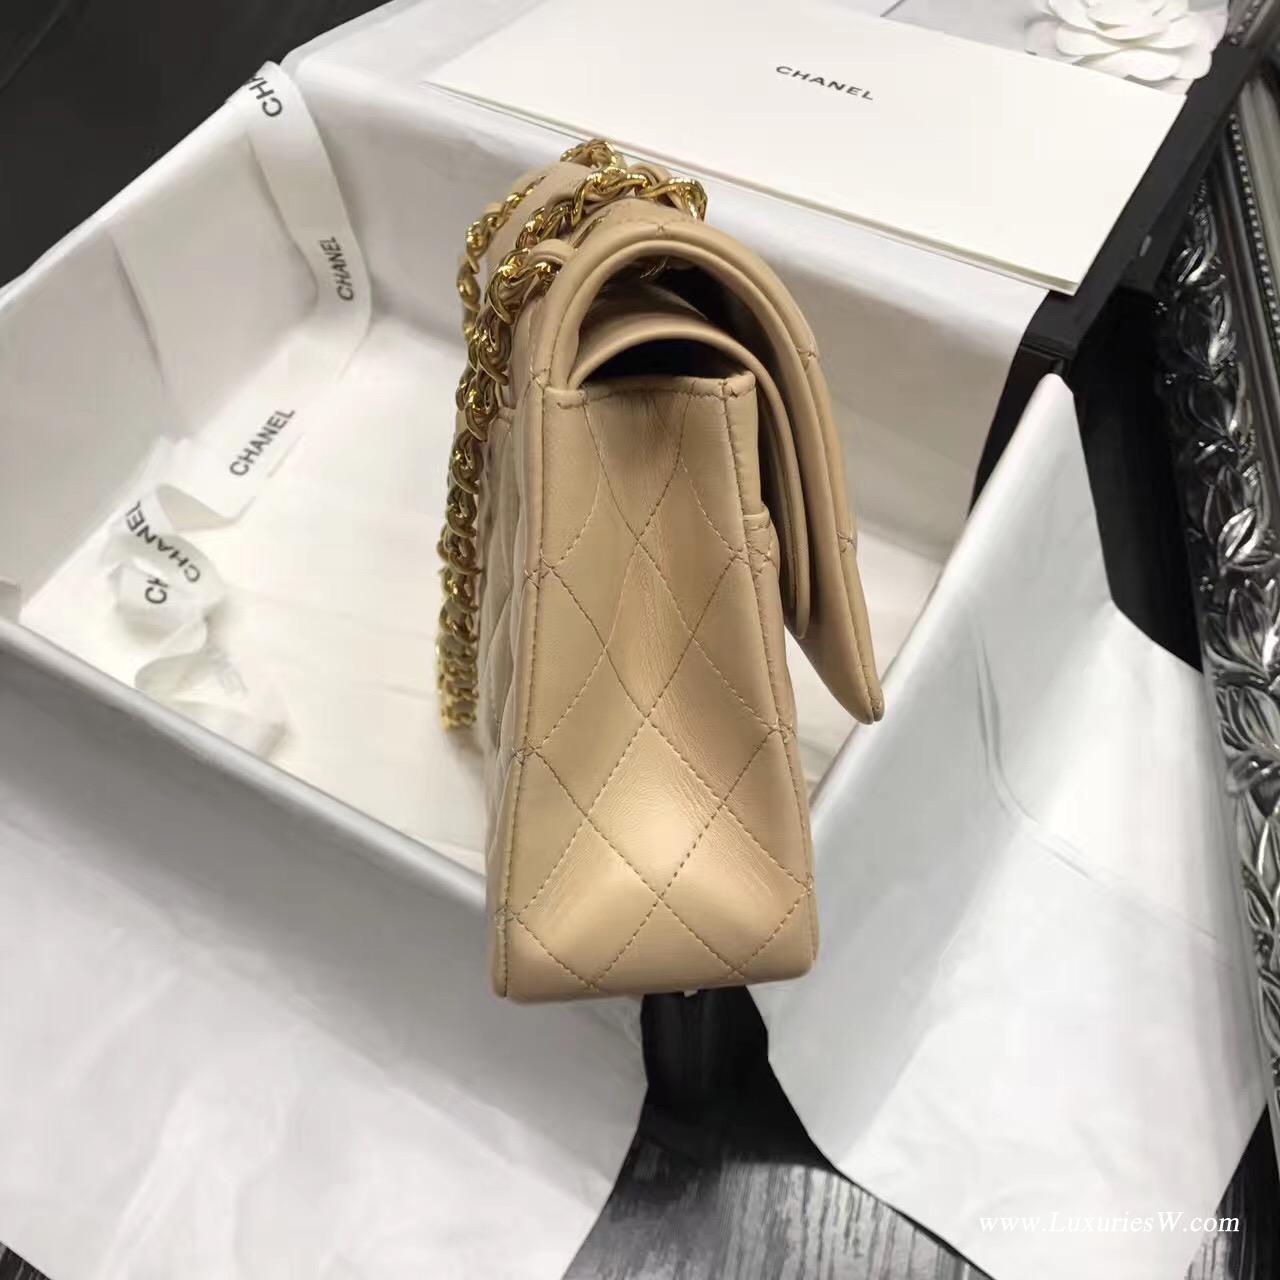 小香Classic Flap Bag 杏色 A01112菱格鏈條經典口蓋包小羊皮